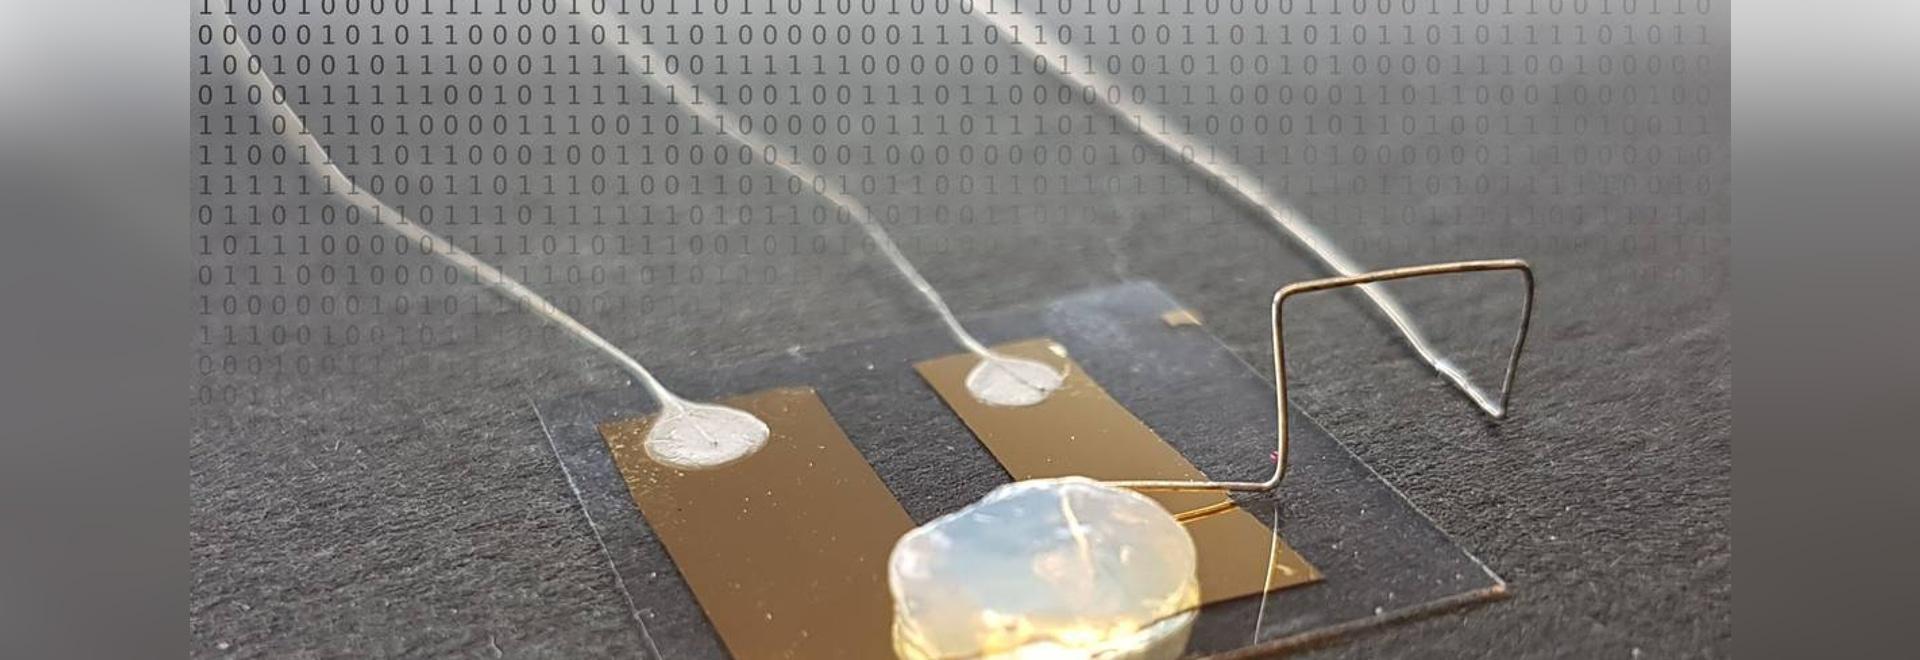 KIT Physicists Develop Worlds am kleinsten, Einzel-Atom-Transistors